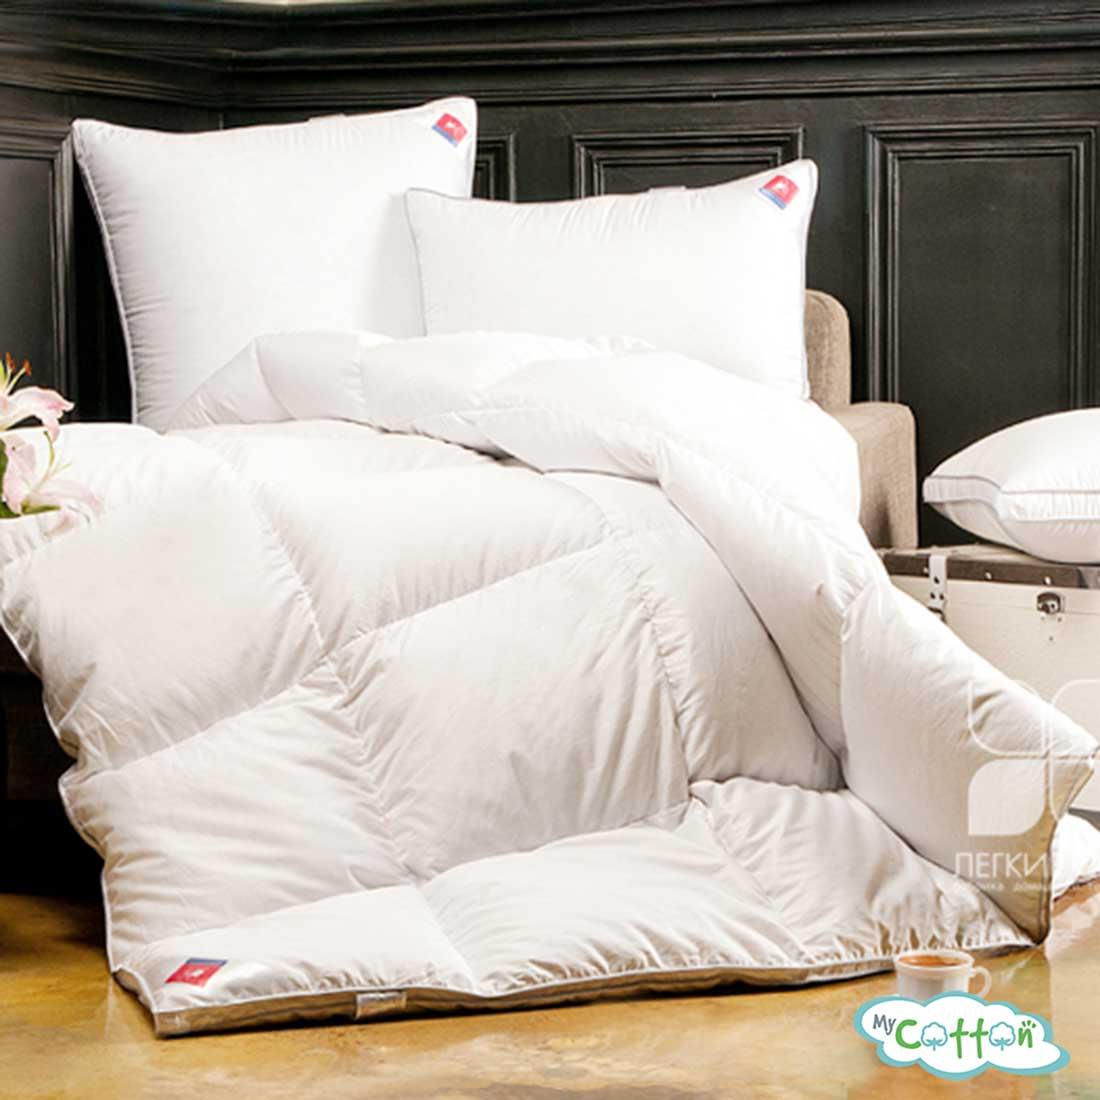 """Десткое одеяло касетное """"Лоретта"""" от компании Легкие сны, теплое"""